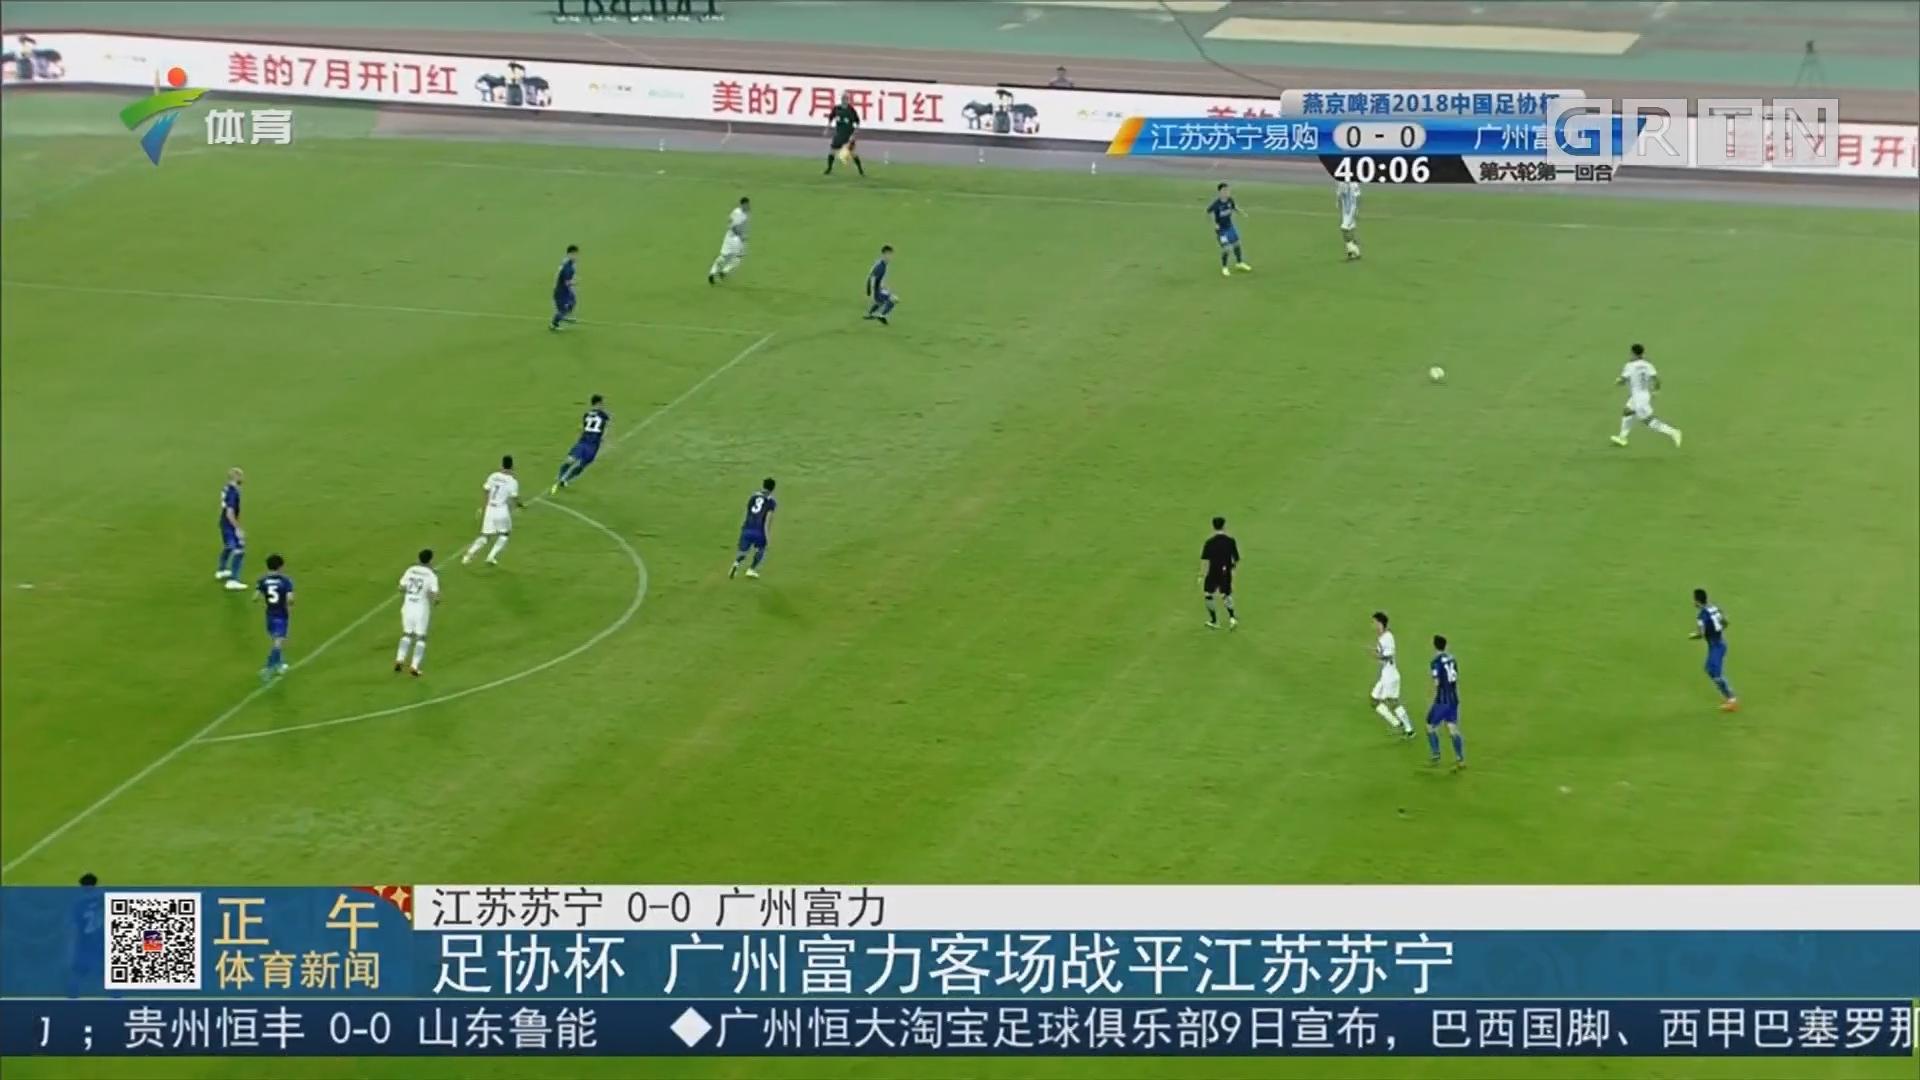 足协杯 广州富力客场战平江苏苏宁